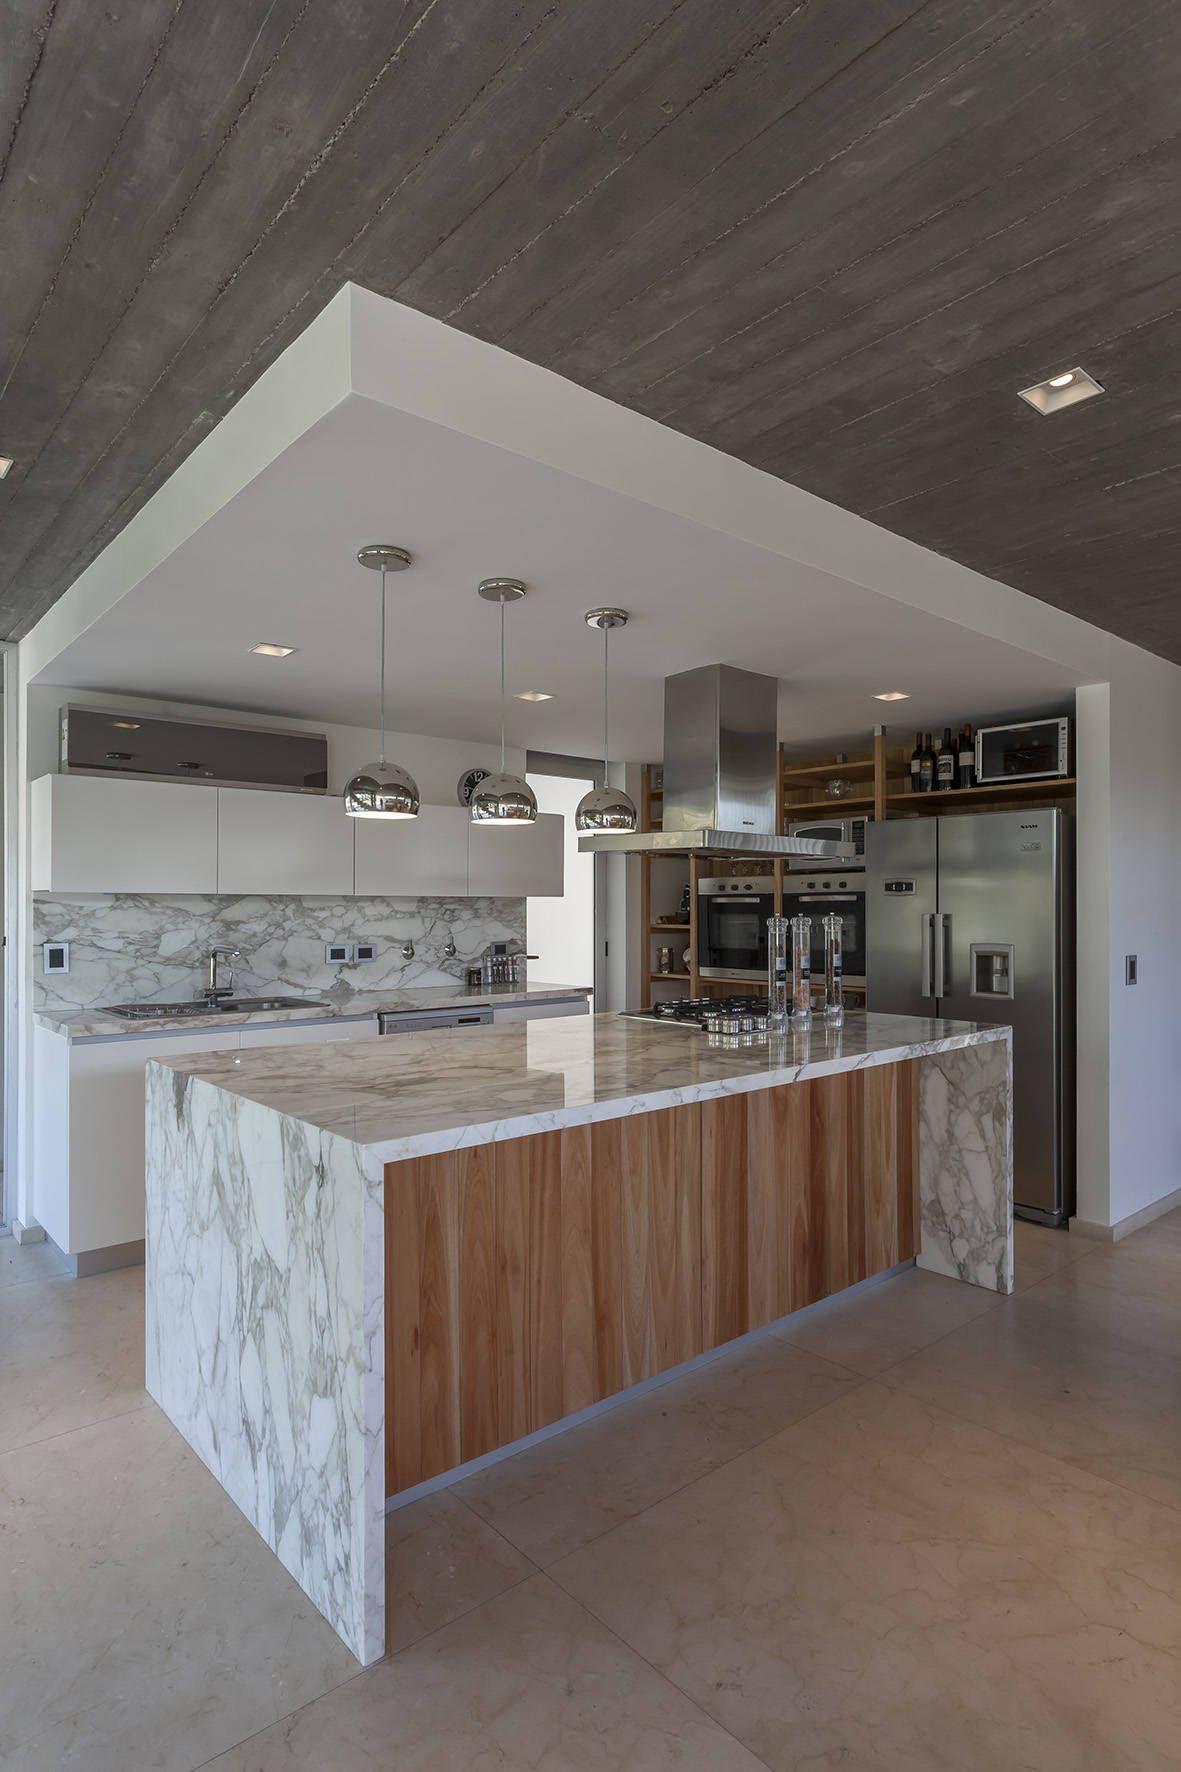 Imágenes de Decoración y Diseño de Interiores | Cocina moderna ...